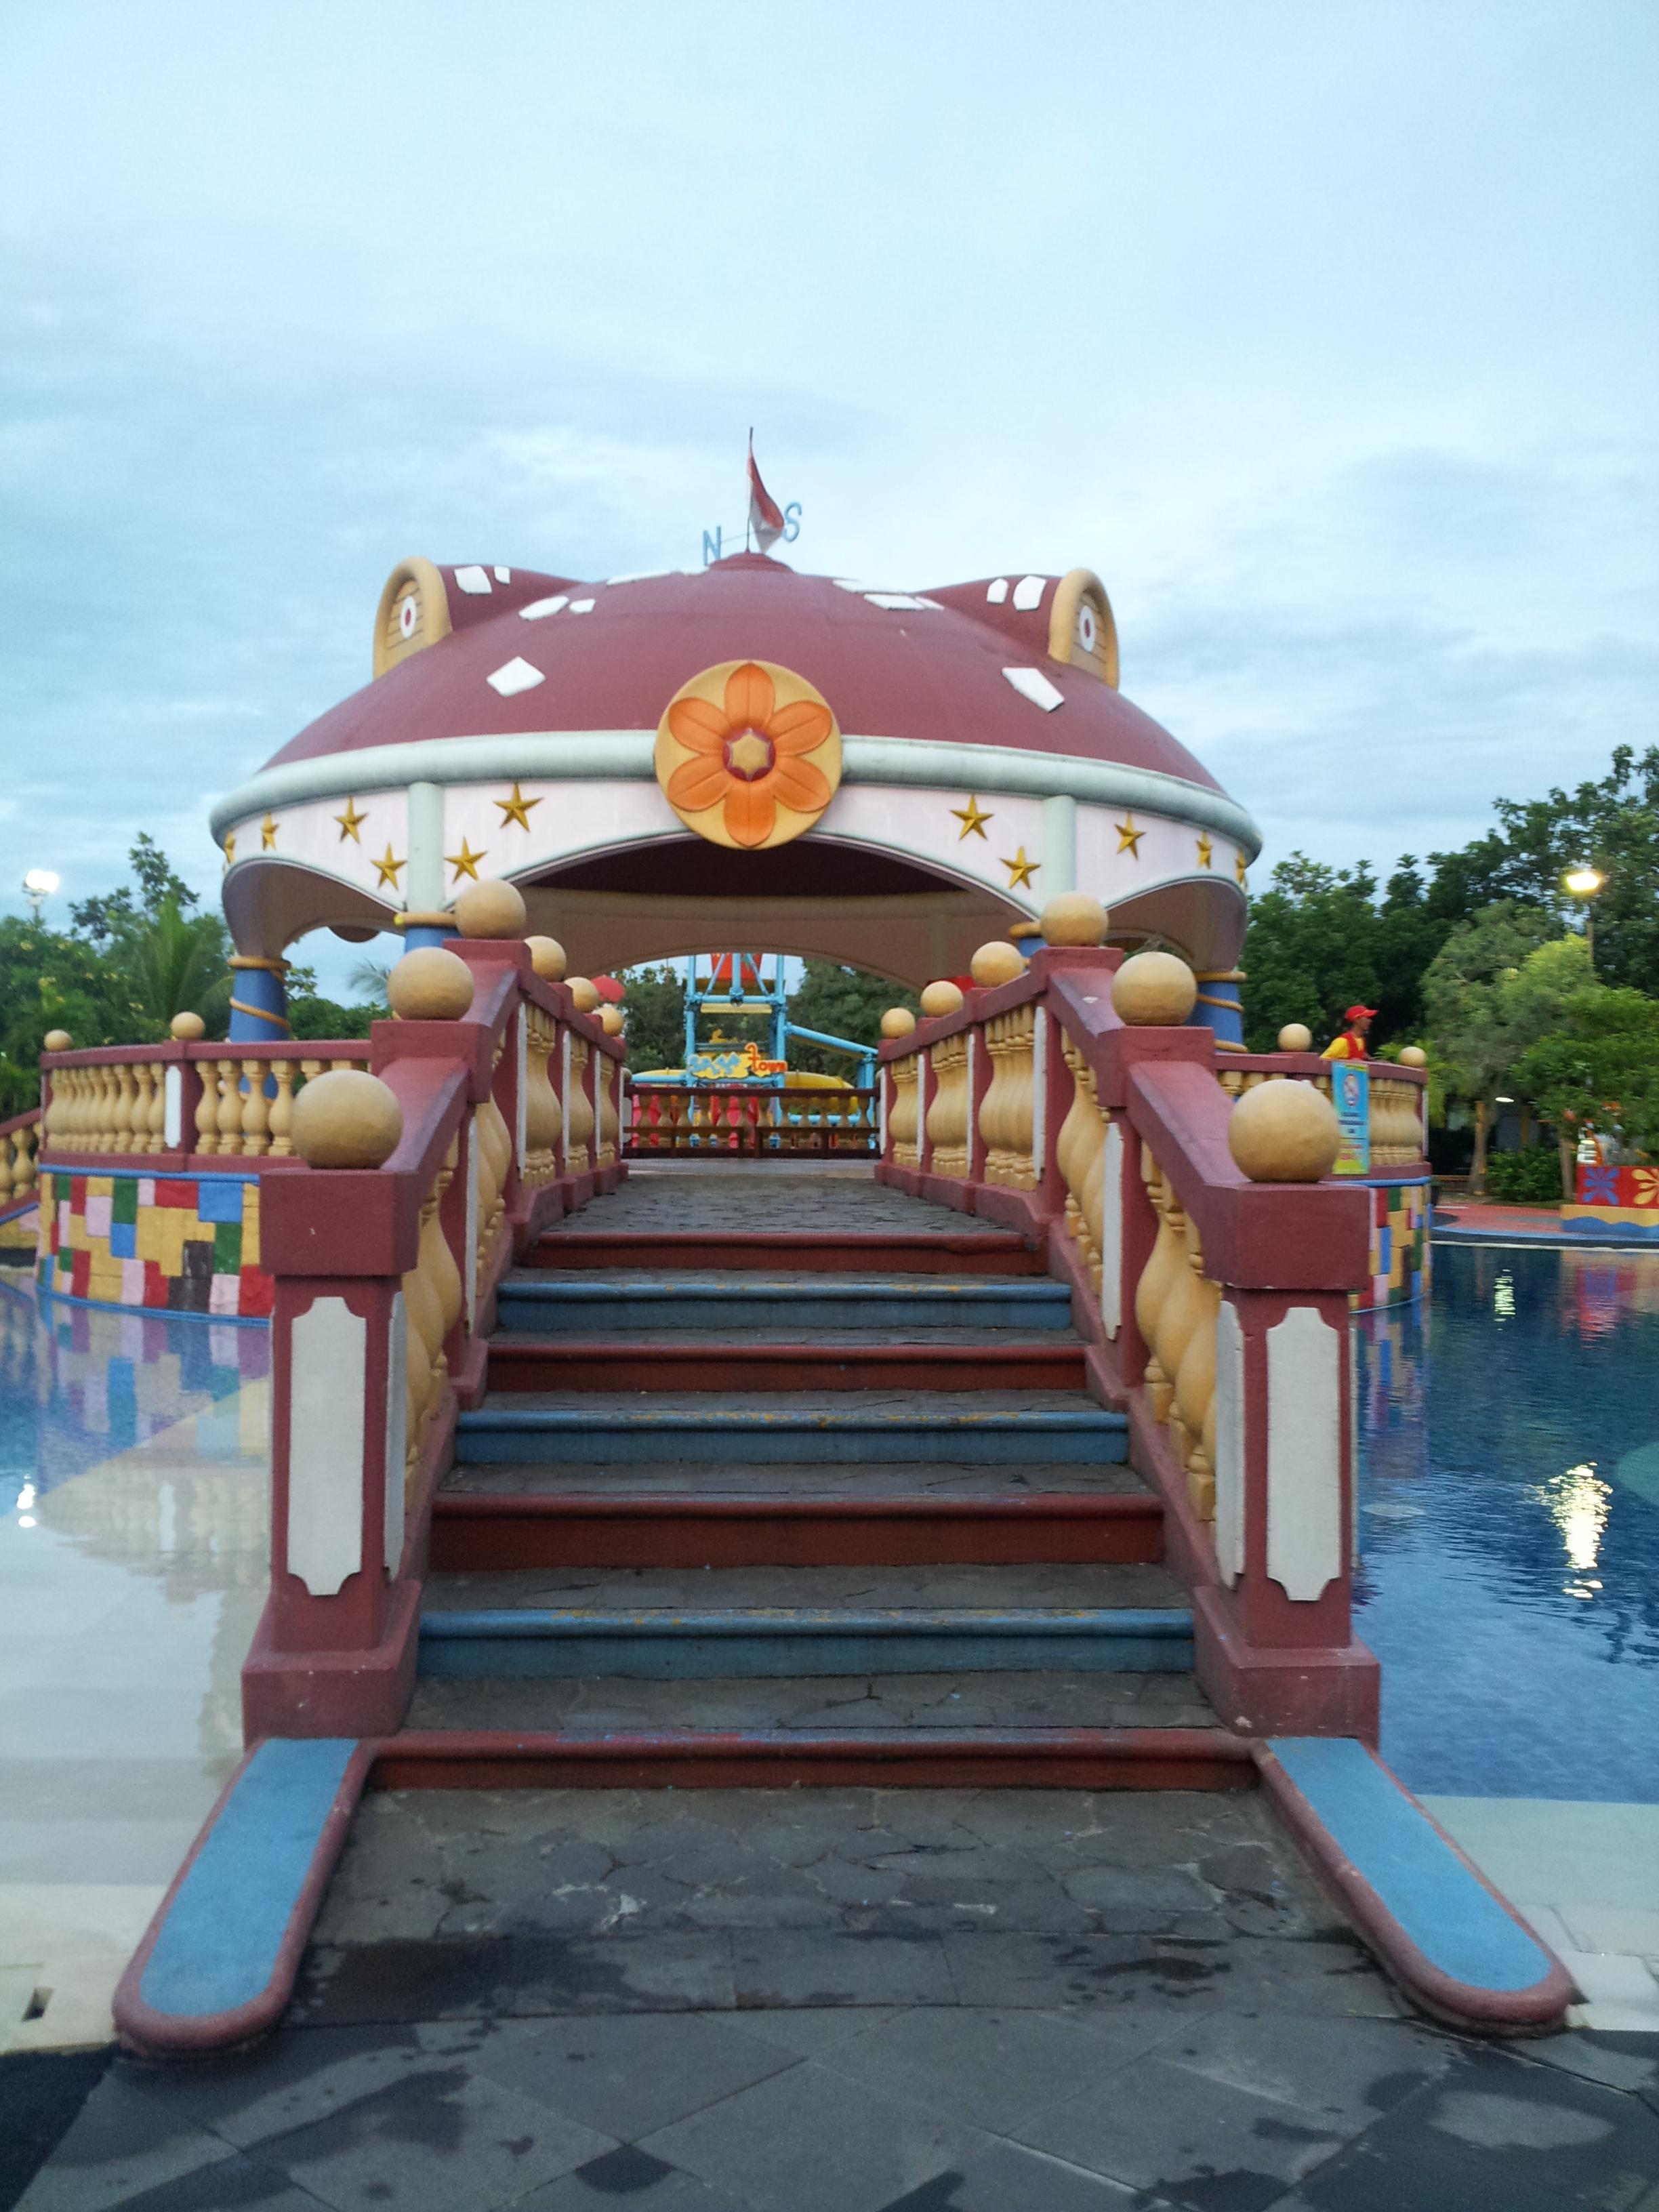 Wisata Banten Ocean Park Bsd Tangerang Jurnal Si Nia Tiket Photo By